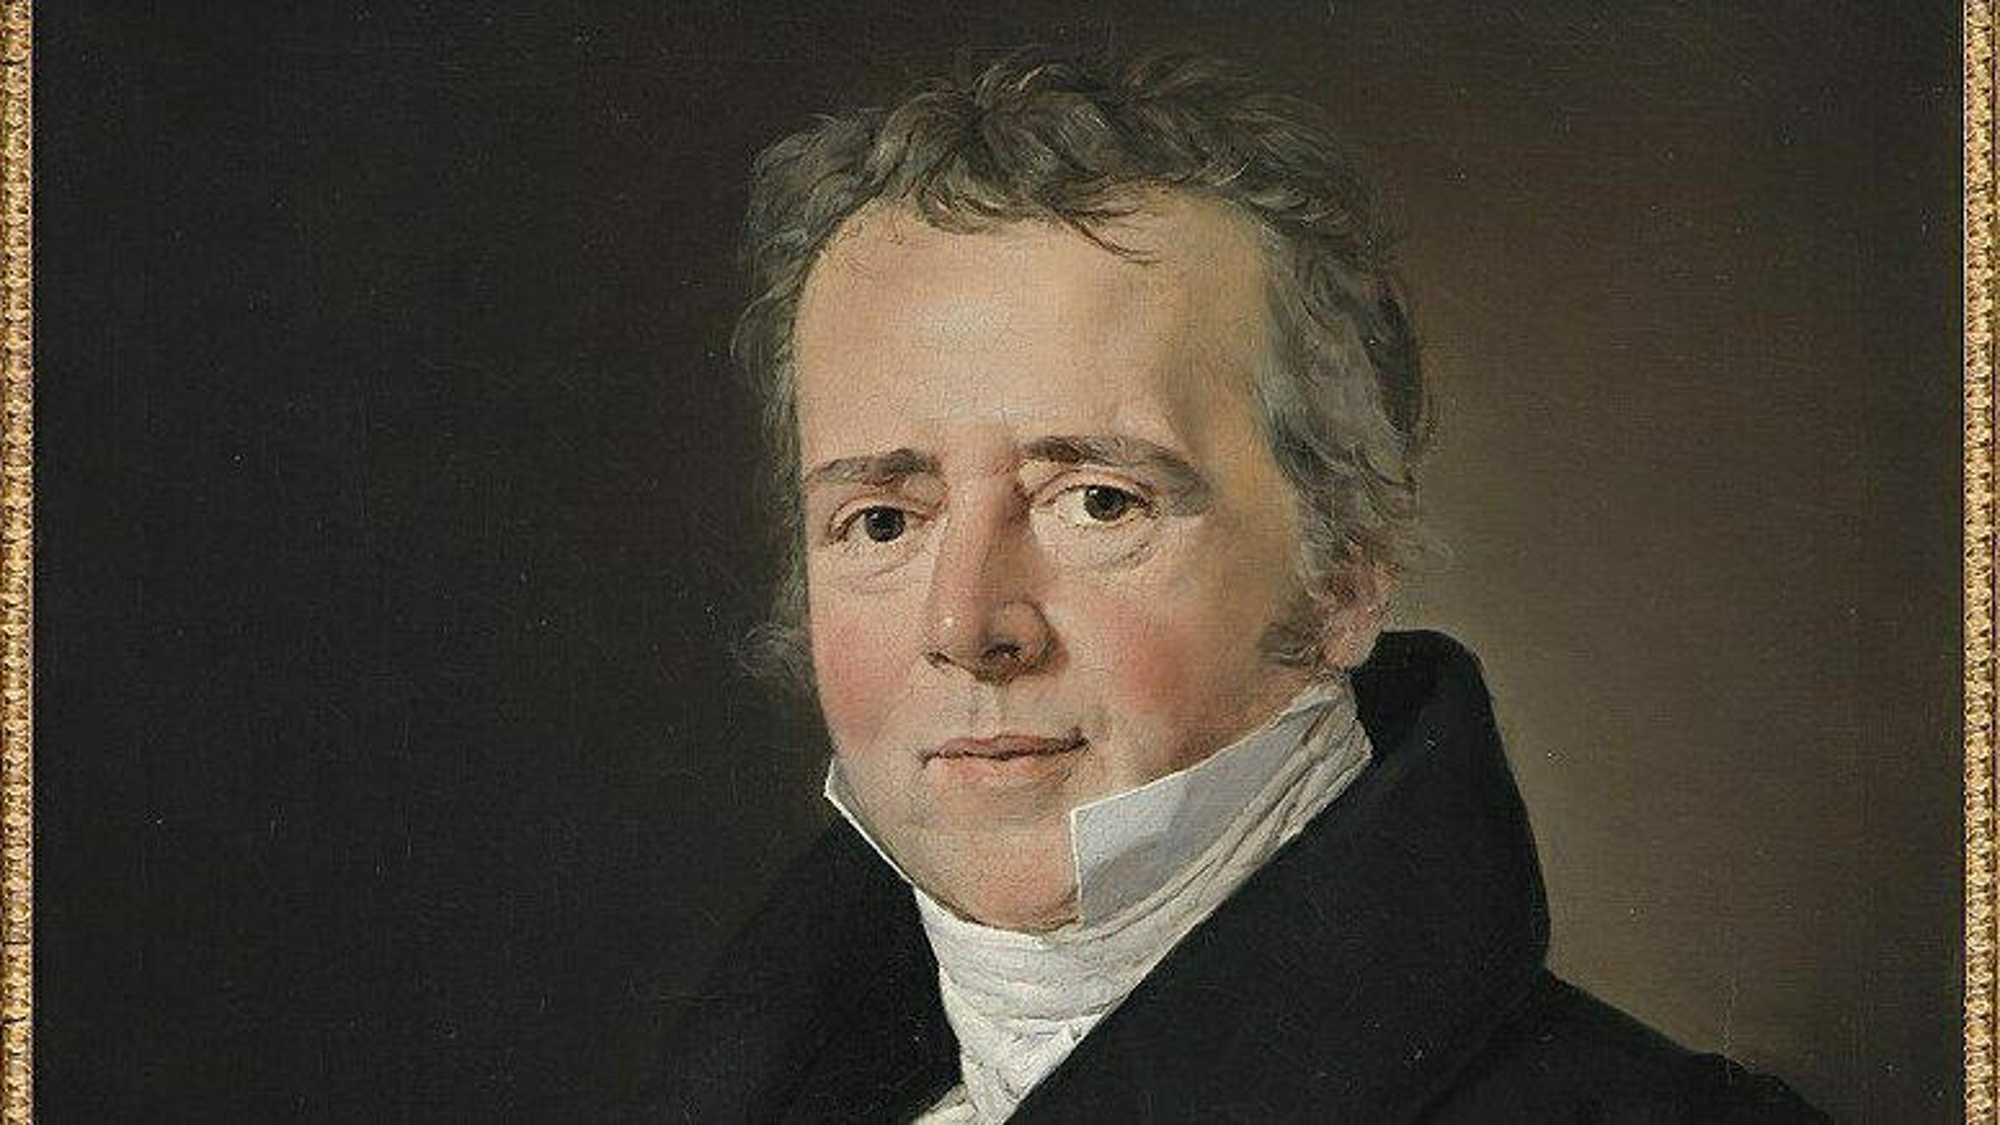 Helt fra 1813 hadde Hans Christian Ørsted beskjeftiget seg med problemet om det var en sammnheng mellom elektriske og galvaniske strømmer og magnetisme, og i 1820 «det år i hans liv hvor lykken særlig smilte til ham» oppdaget han elektromagnetismen, loven om vekselvirkningen mellom elektrisitet og magnetisme.